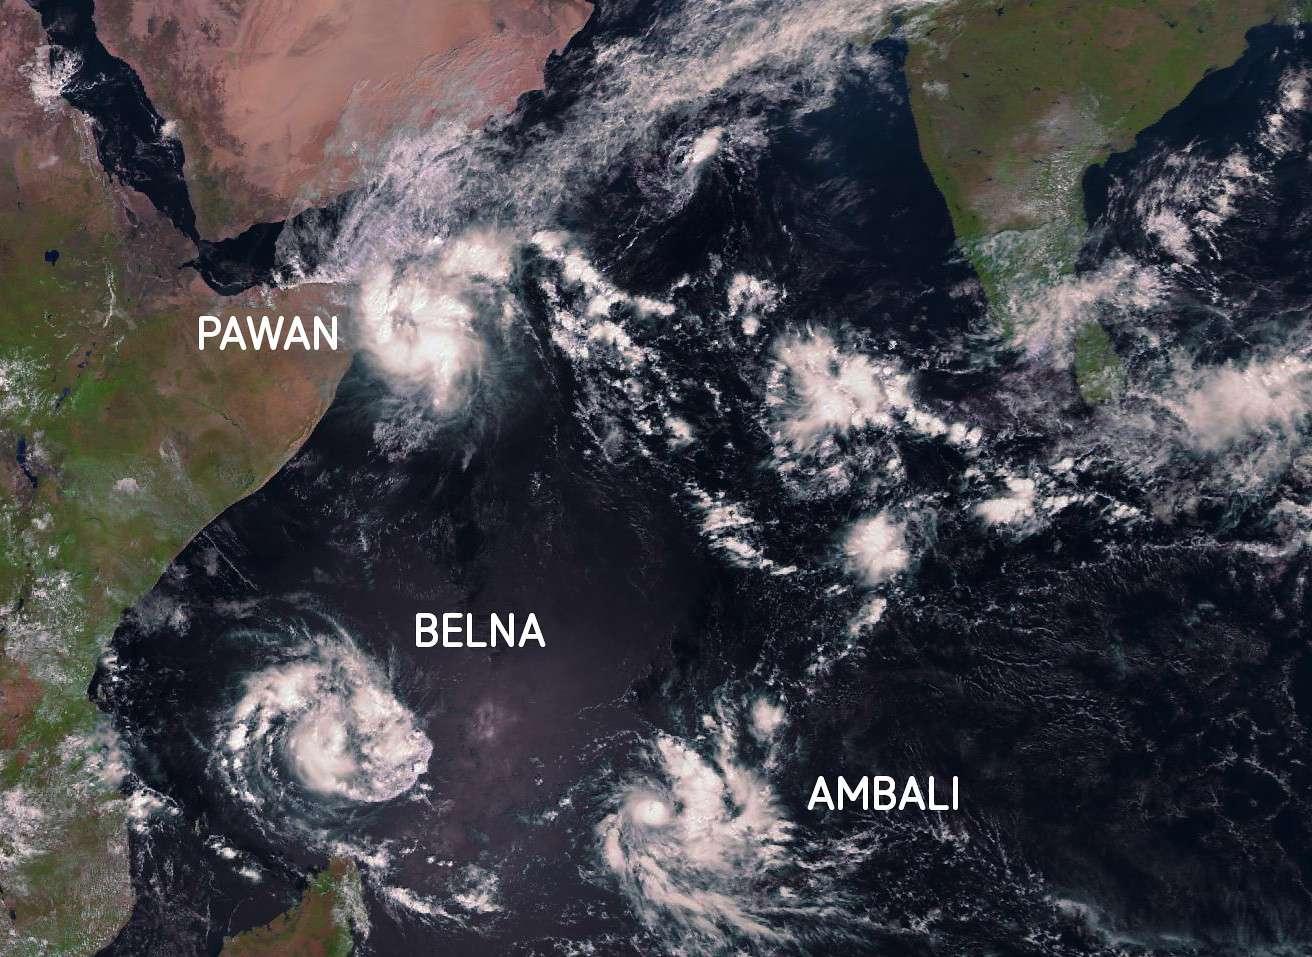 Les cyclones Pawan, Ambali et Belna photographiés par Meteosat-8 le 6 décembre 2019 à 7 h 00 TU. © Eumetsat, Météo France